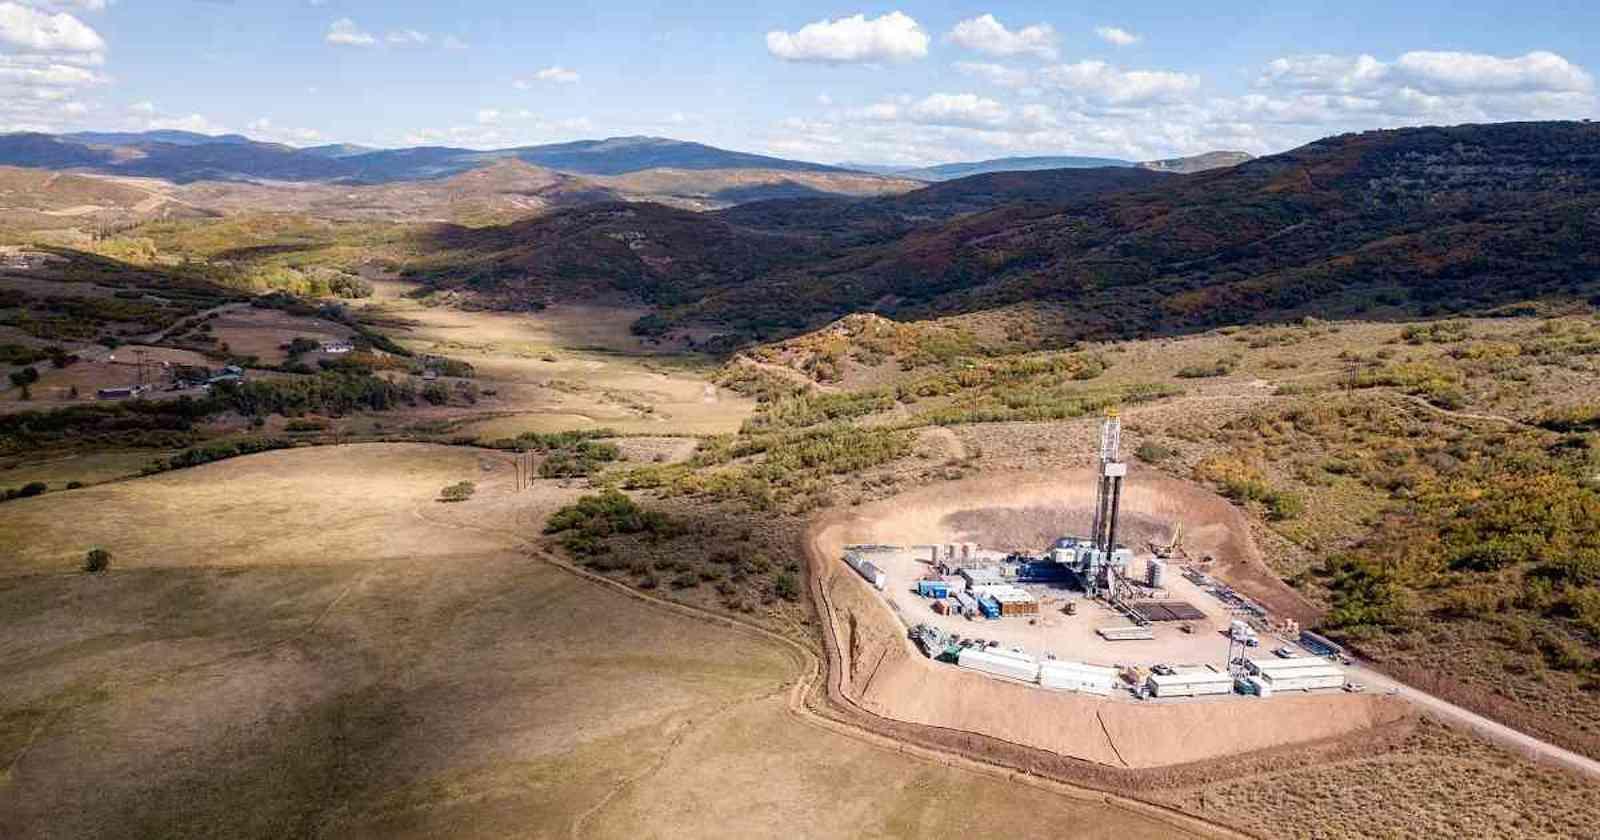 historias//las-implicaciones-de-la-decision-del-consejo-de-estado-sobre-fracking-en-colombia